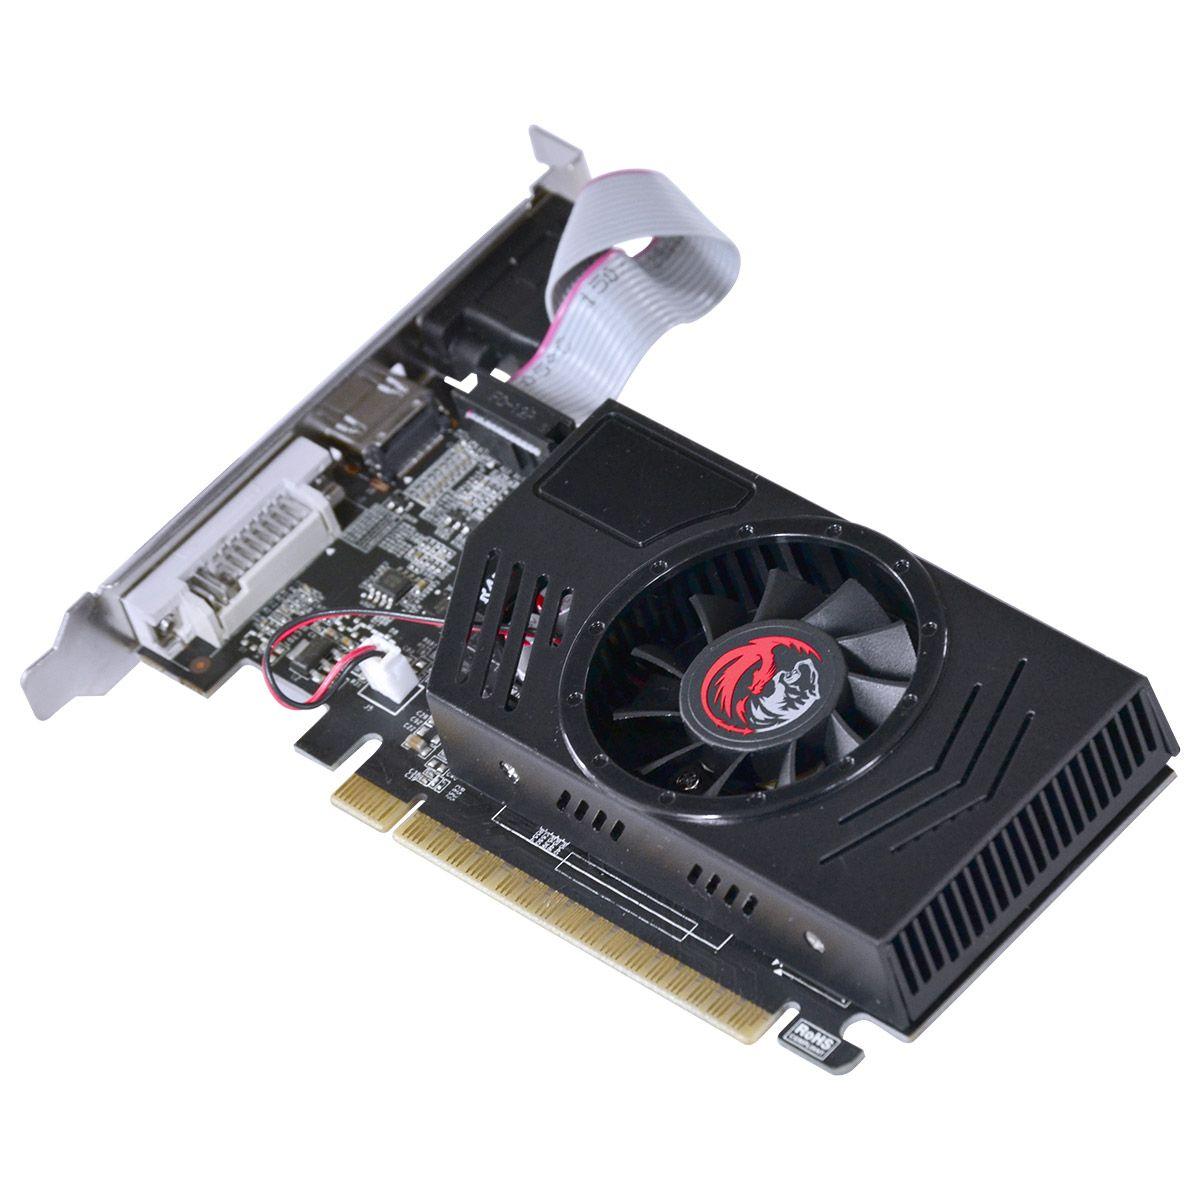 Placa de Vídeo GT730 2GB DDR3 128Bits PJ73012802D3LP - Pcyes